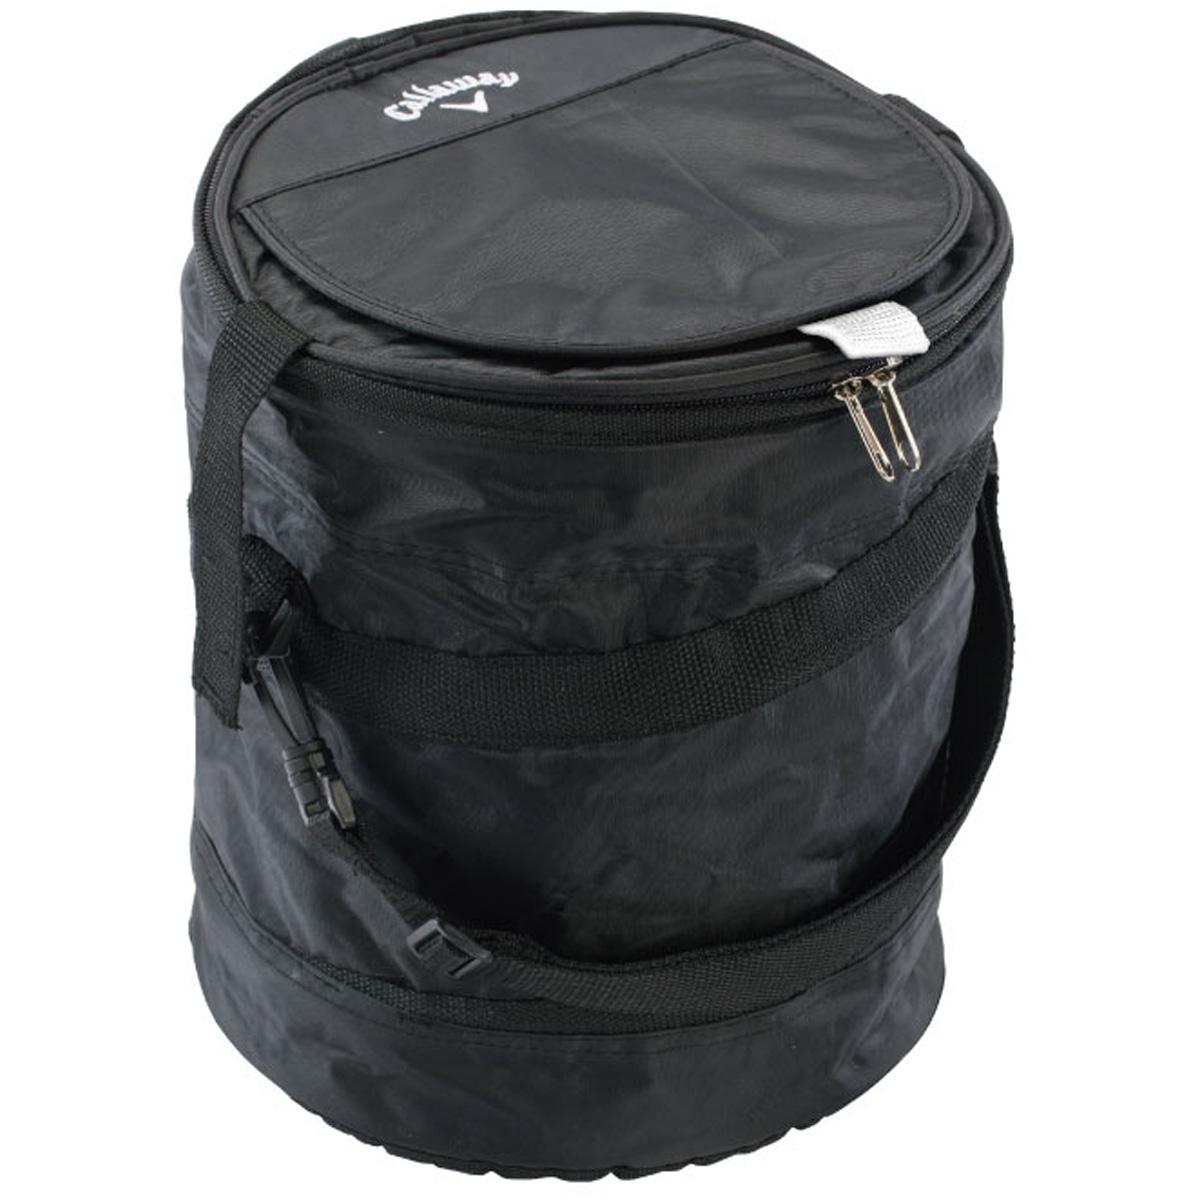 ドラム型クーラーバッグ